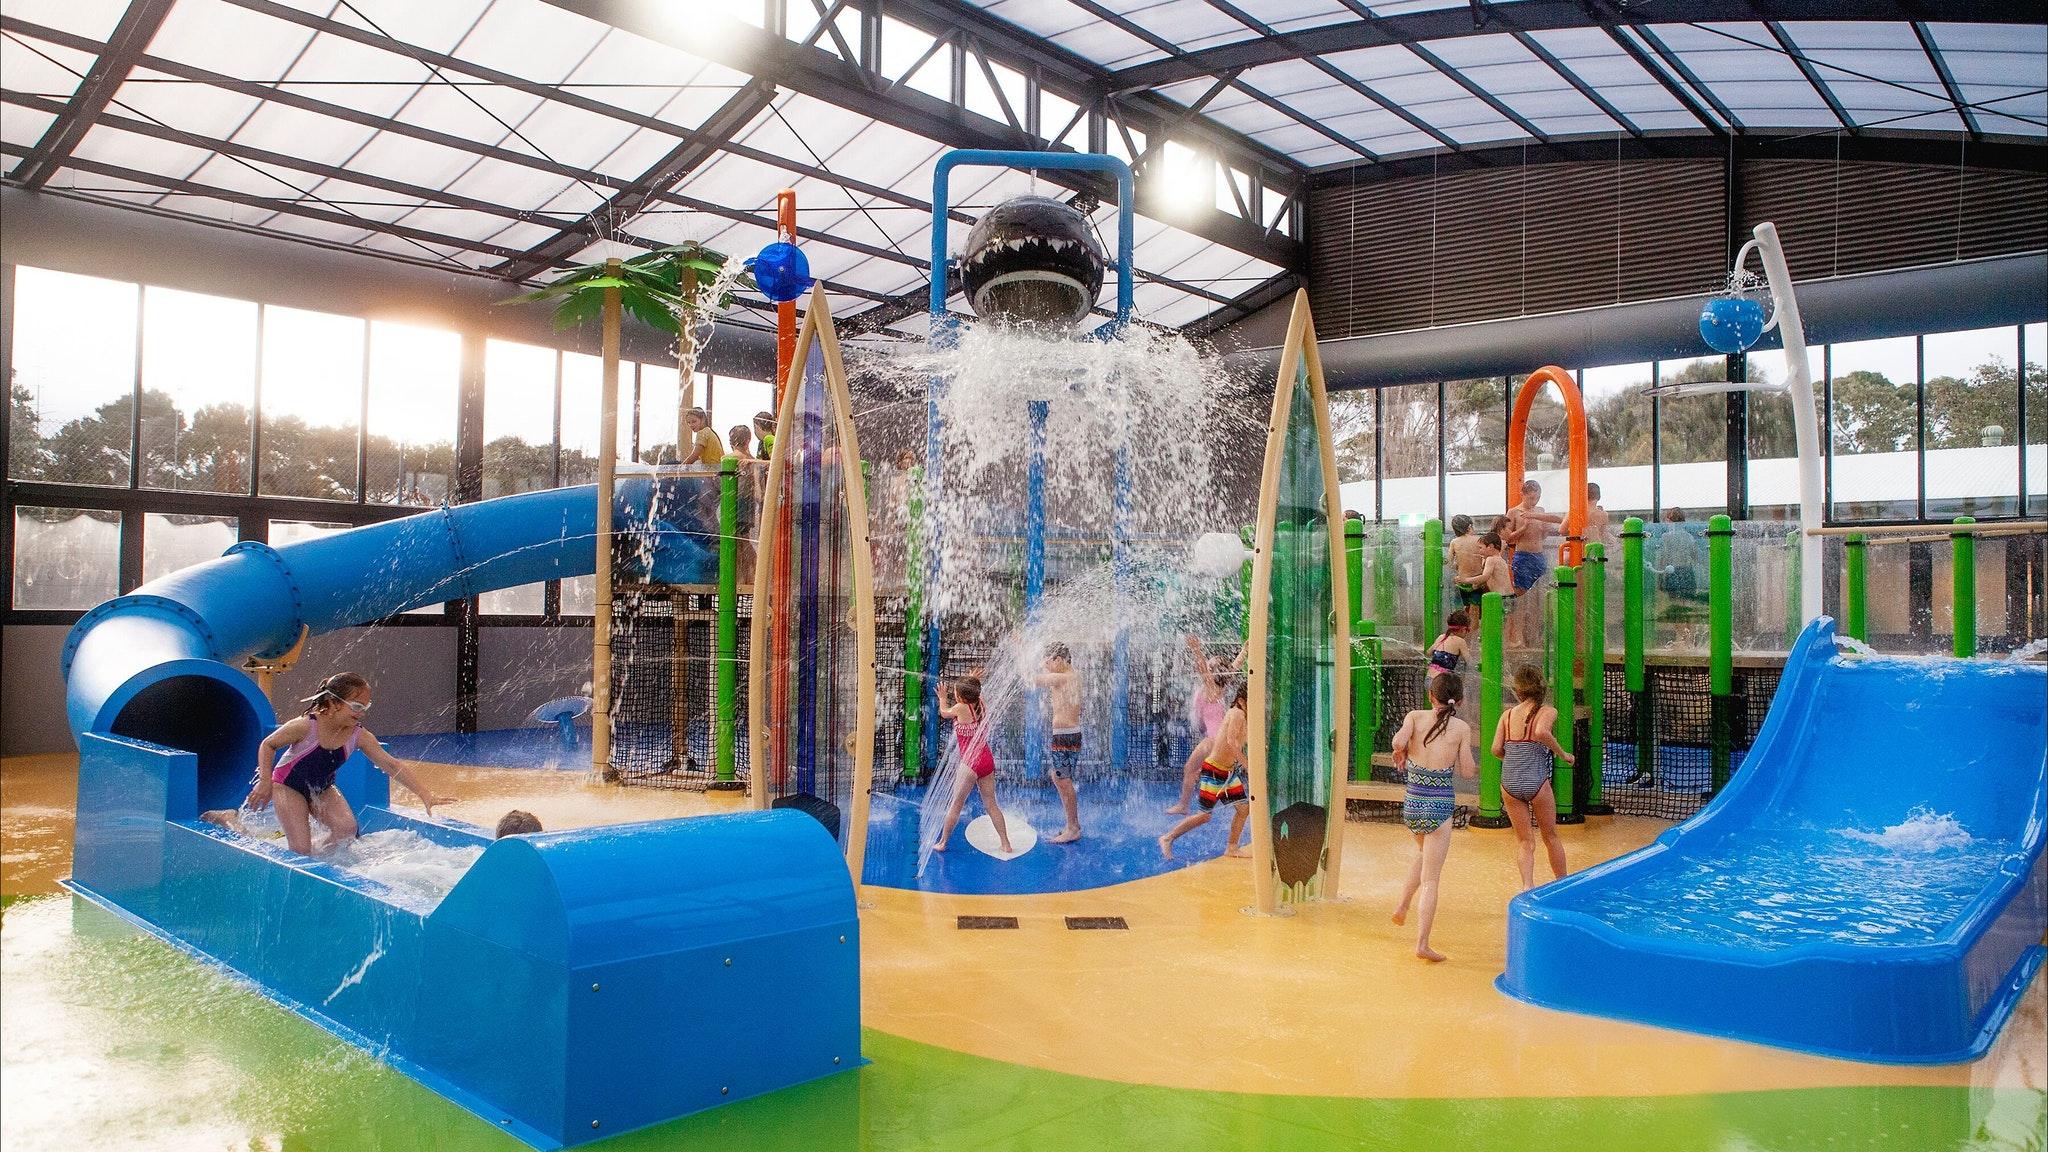 Indoor heated water park